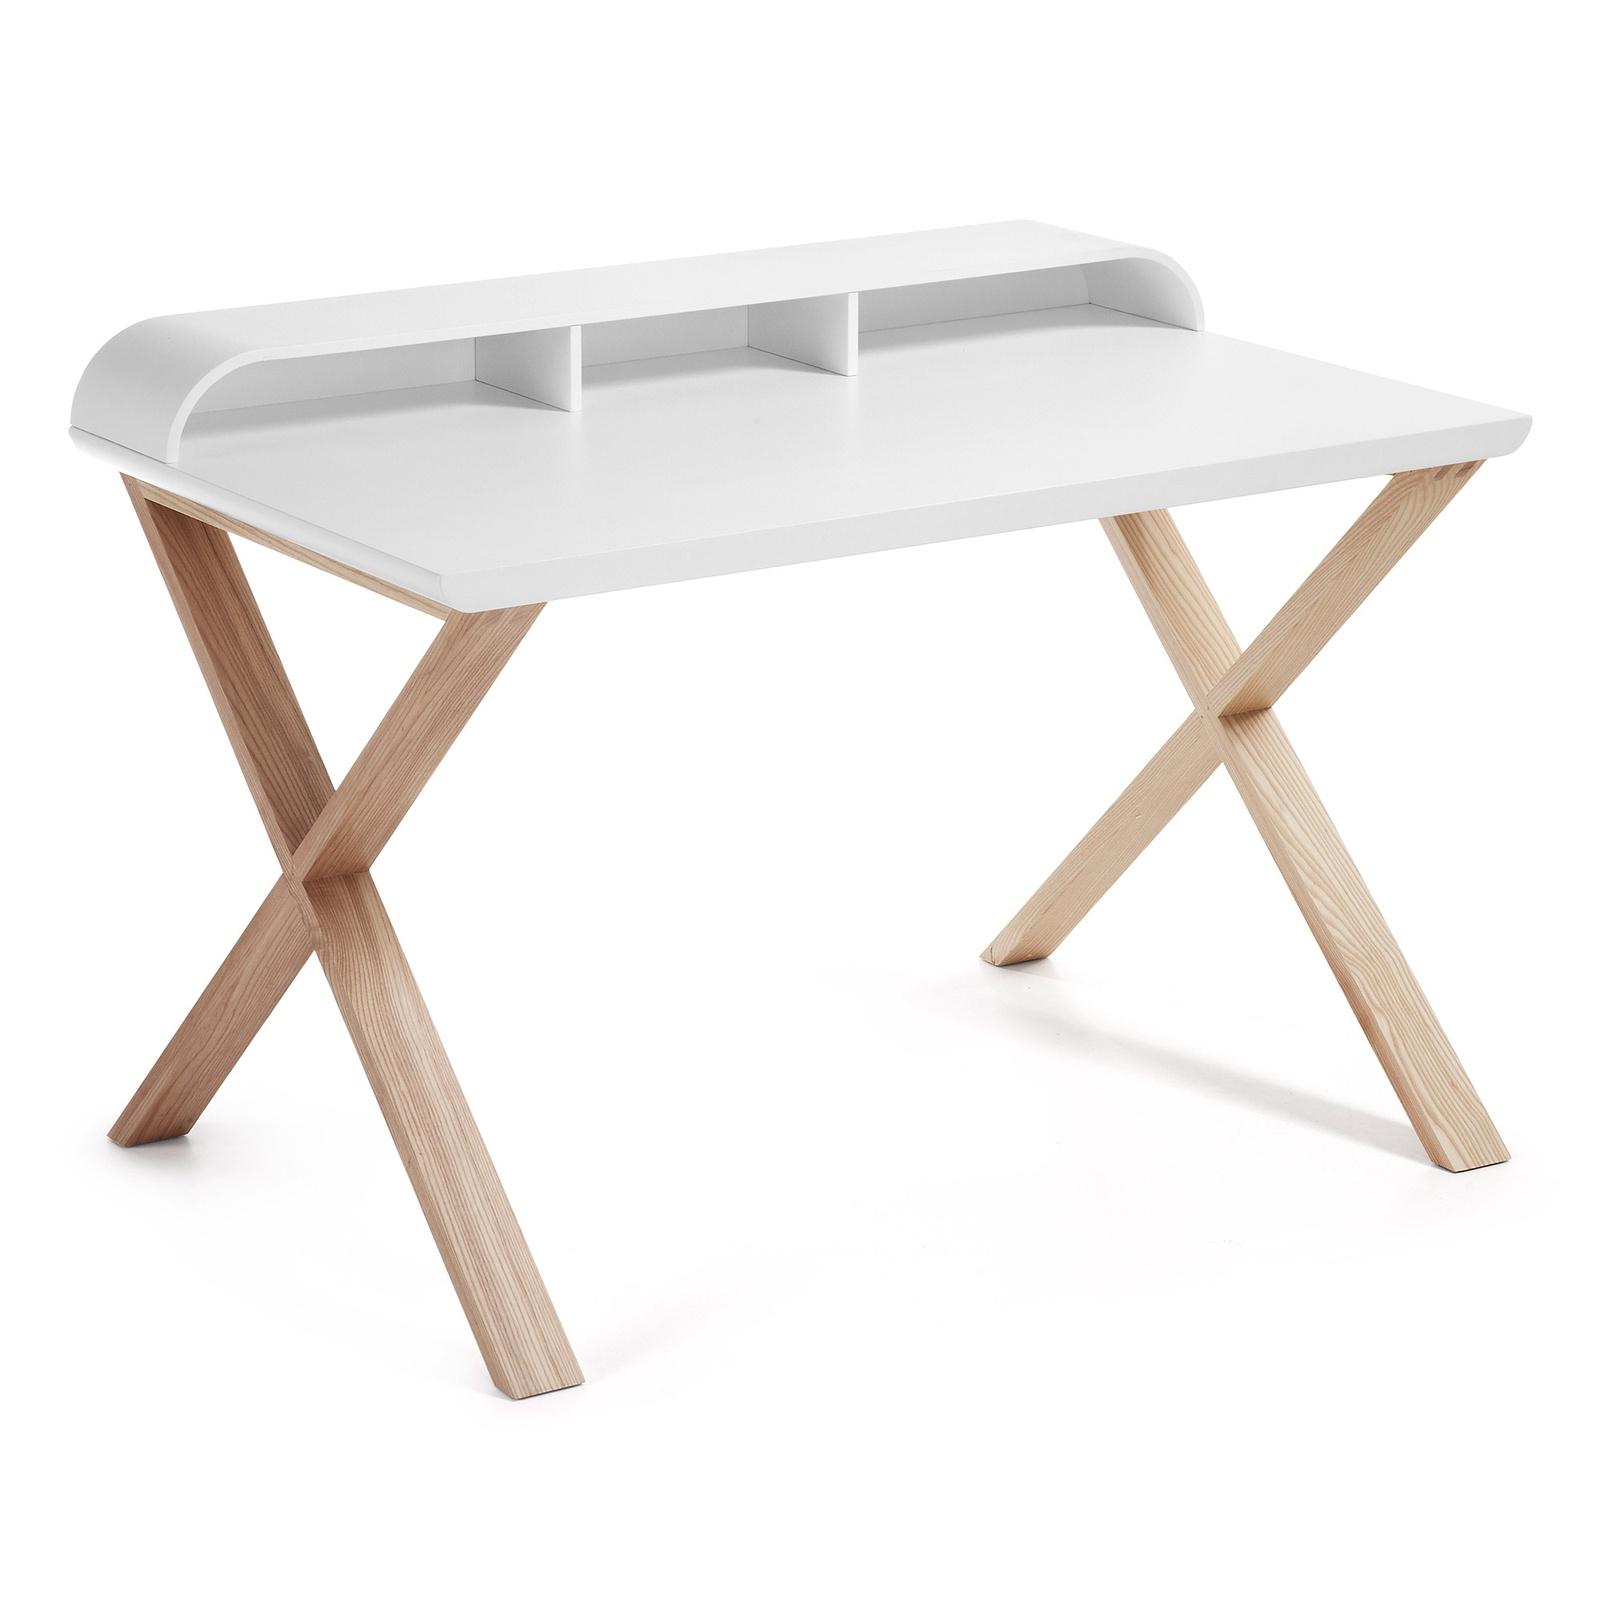 Письменный стол Success 120x79 матовый белый C285L05 Ш.120 В.85 Г.79 Вес 28.7кг; Материал Массив; Цвет Белый